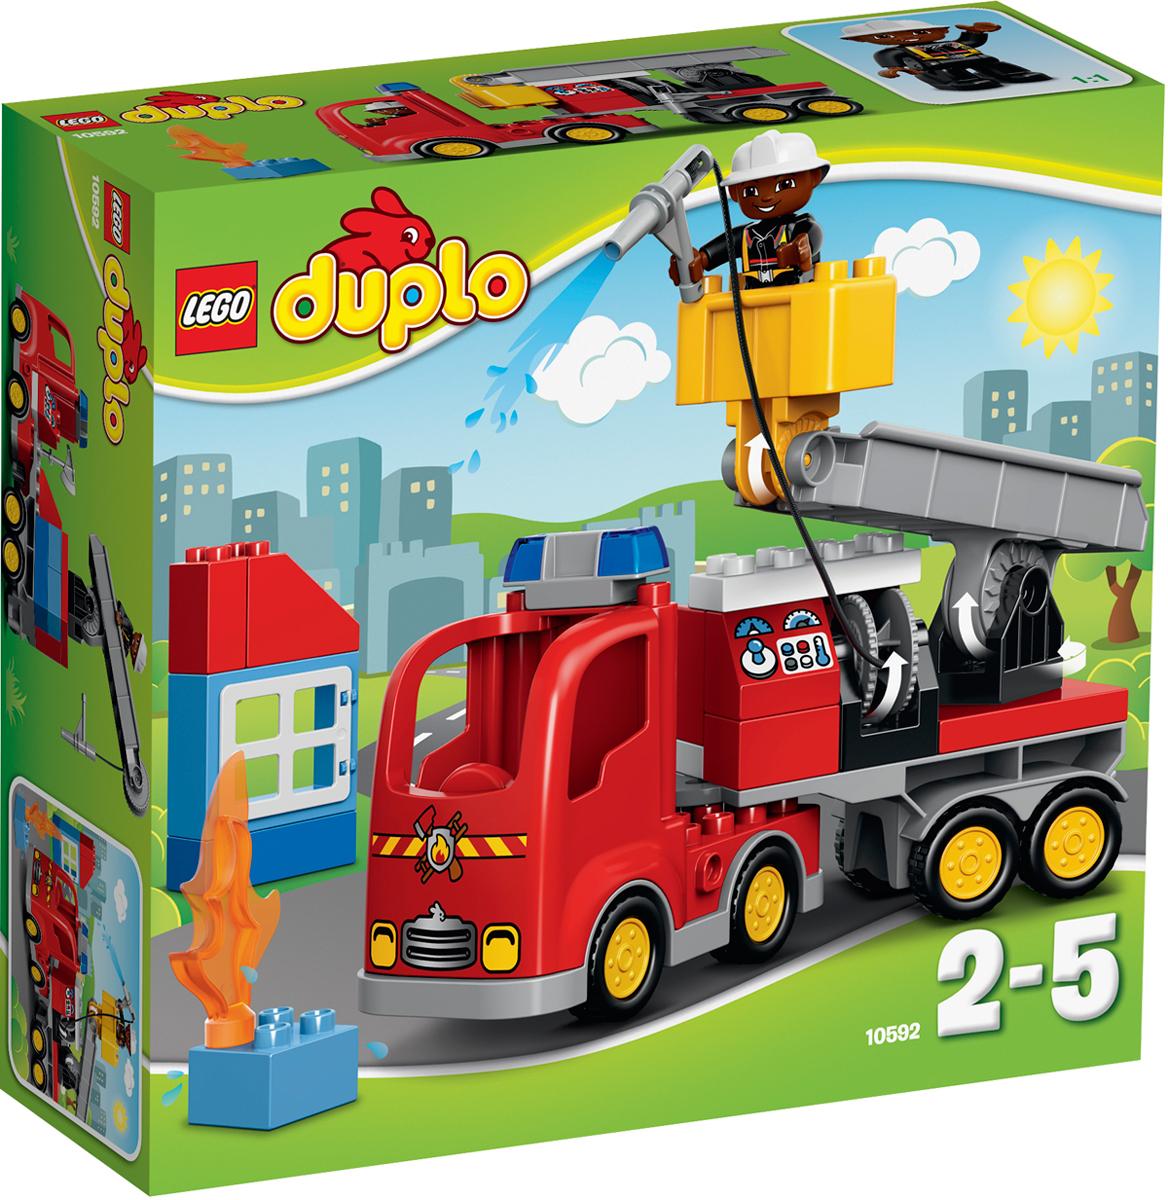 LEGO DUPLO Конструктор Пожарный грузовик 10592 - Игрушки для малышей